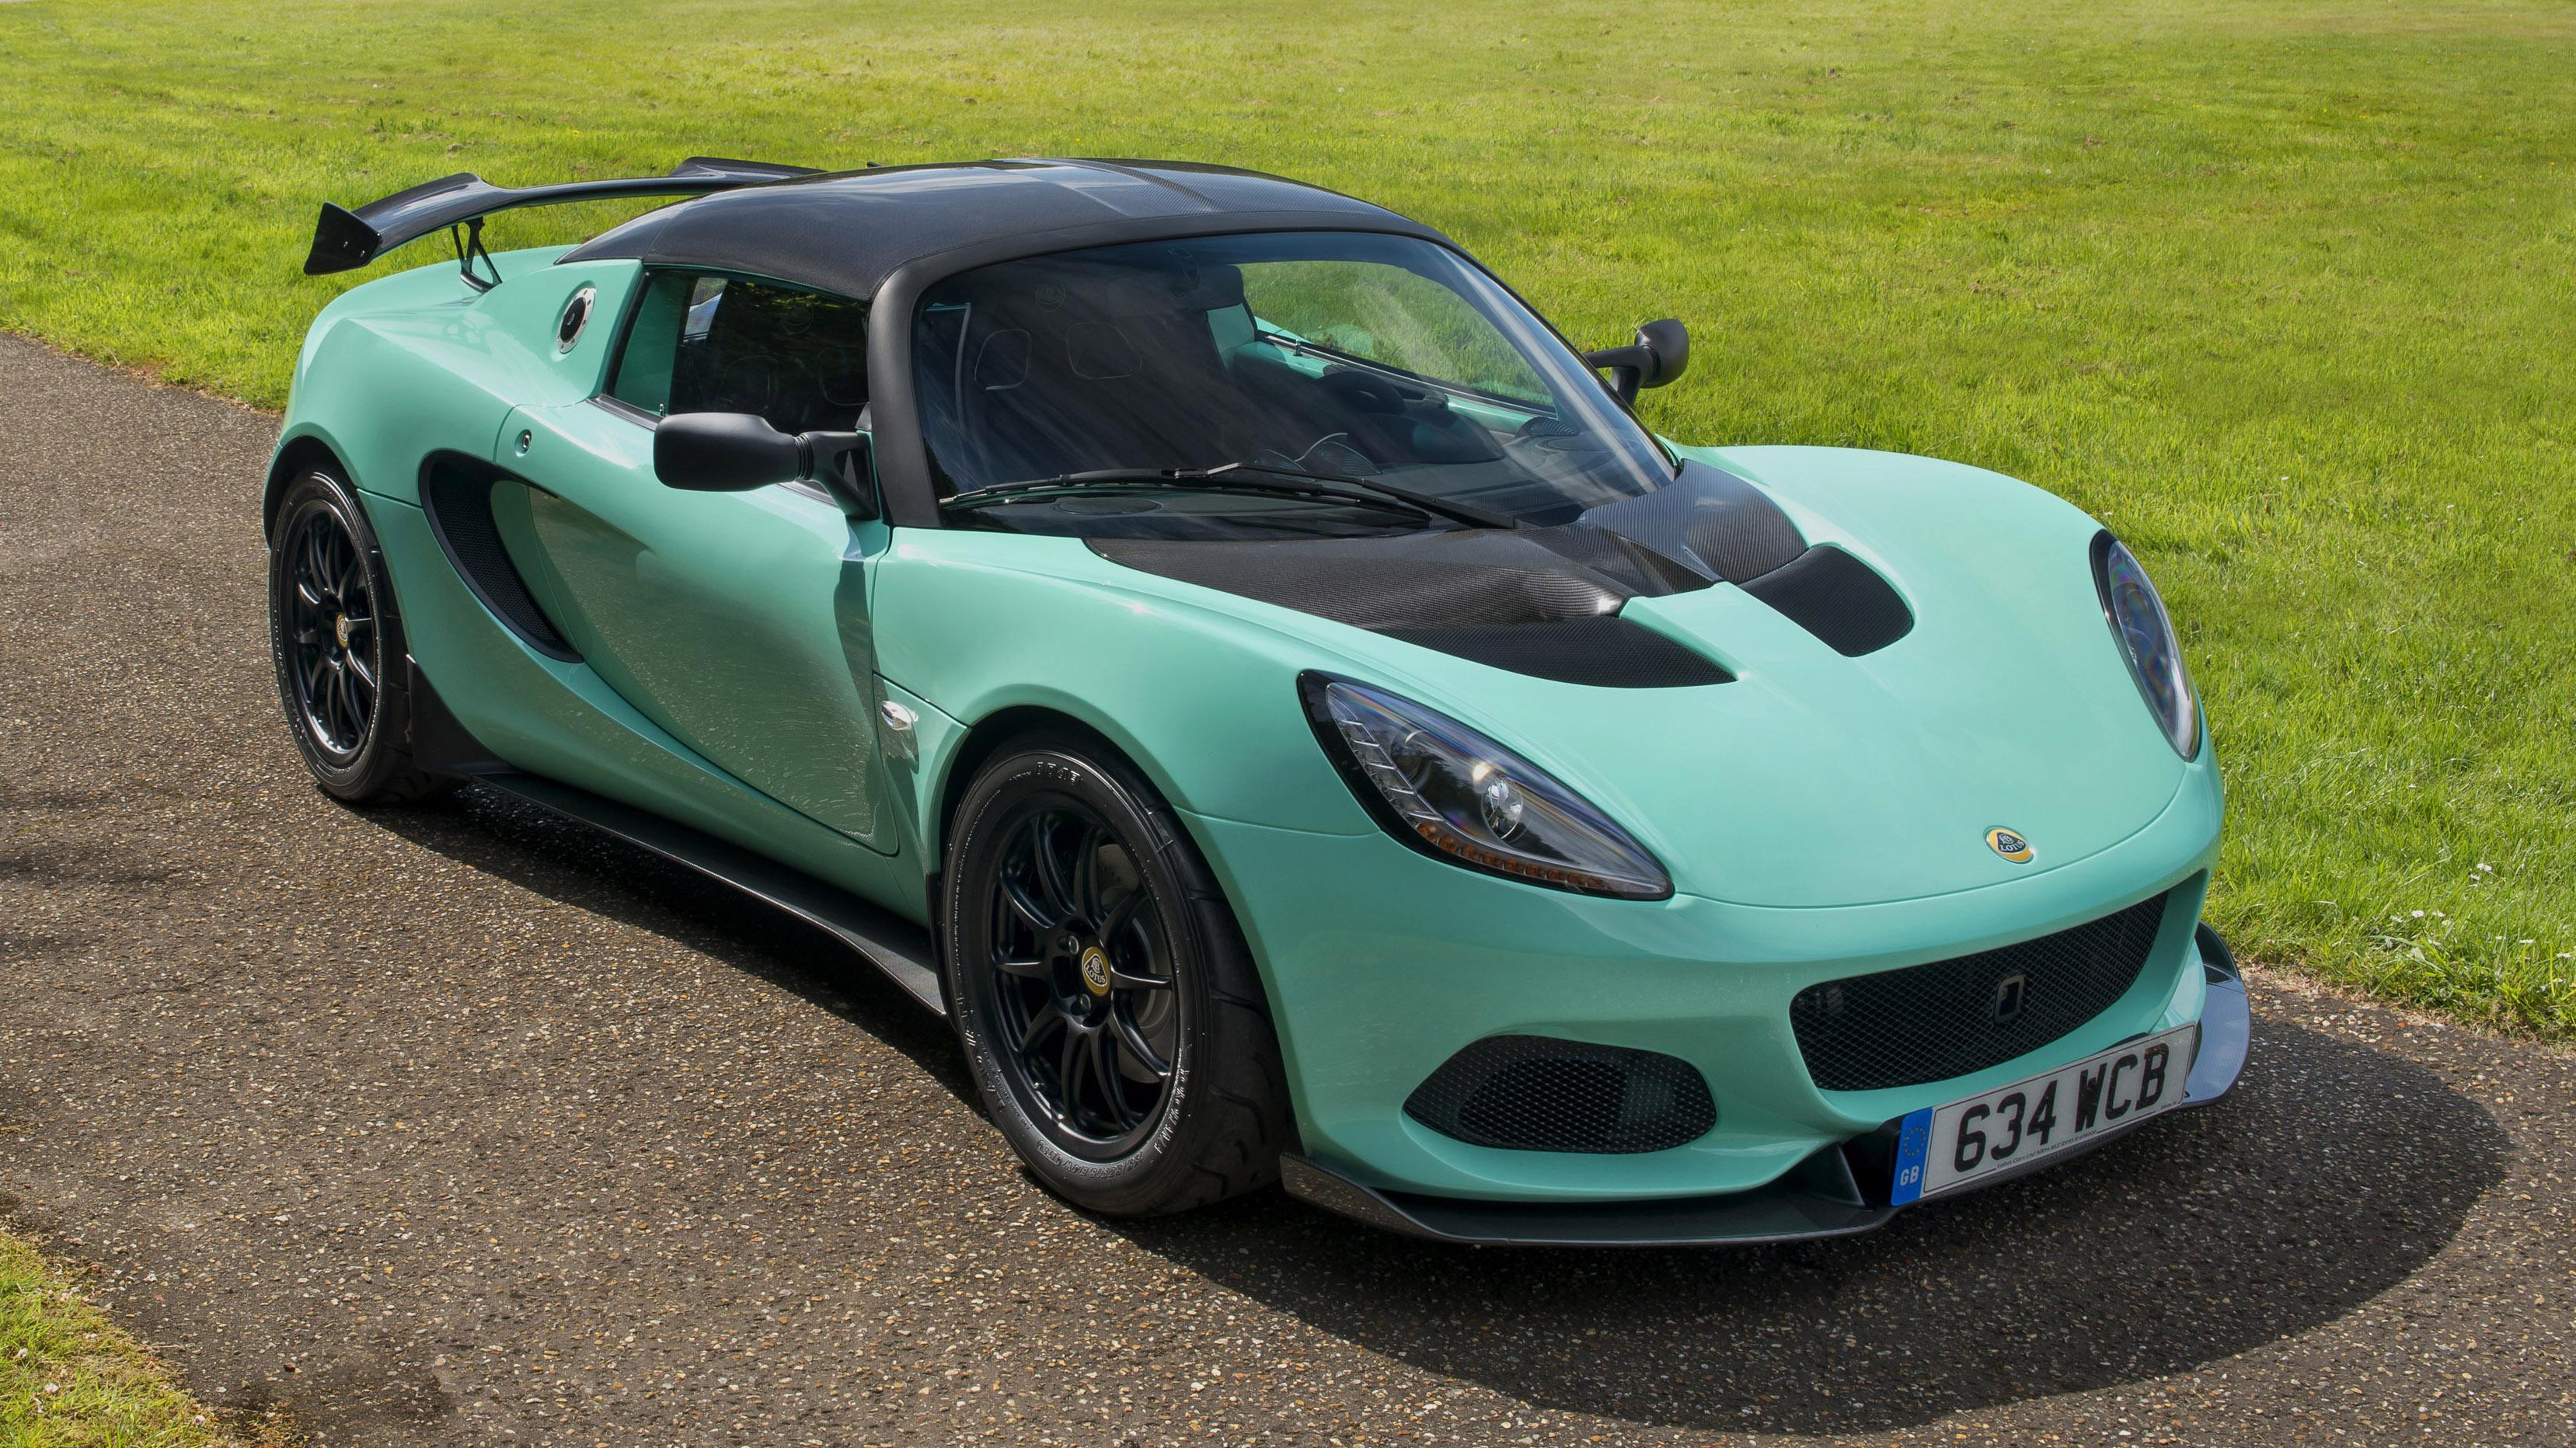 Lotus Elise Cup 250 front quarter